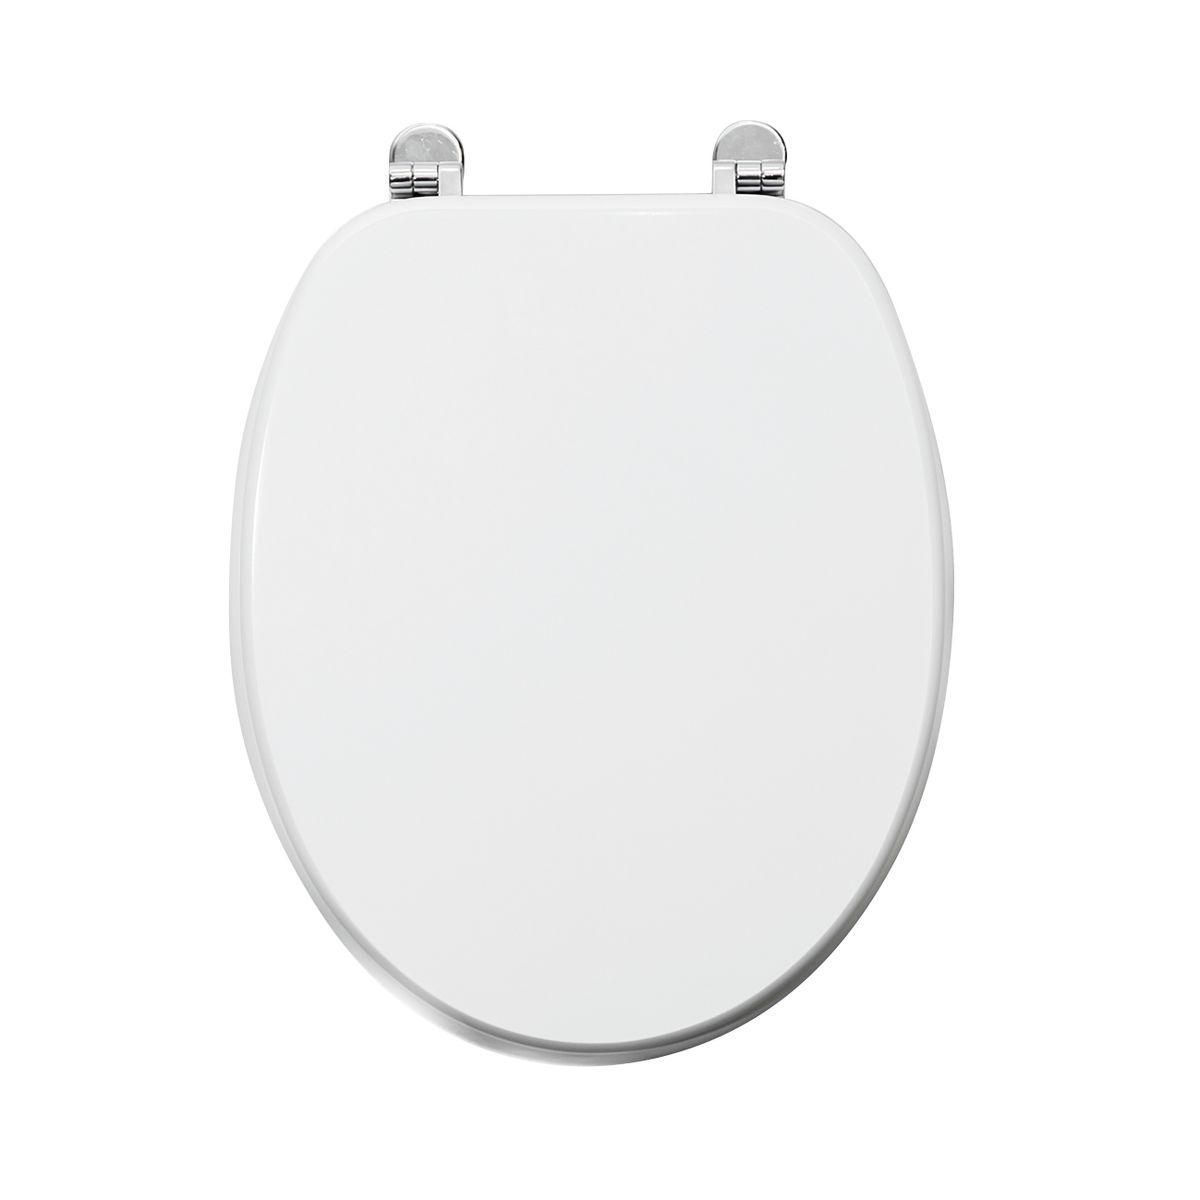 Copriwater, sedile e tavolette wc: prezzi e offerte online